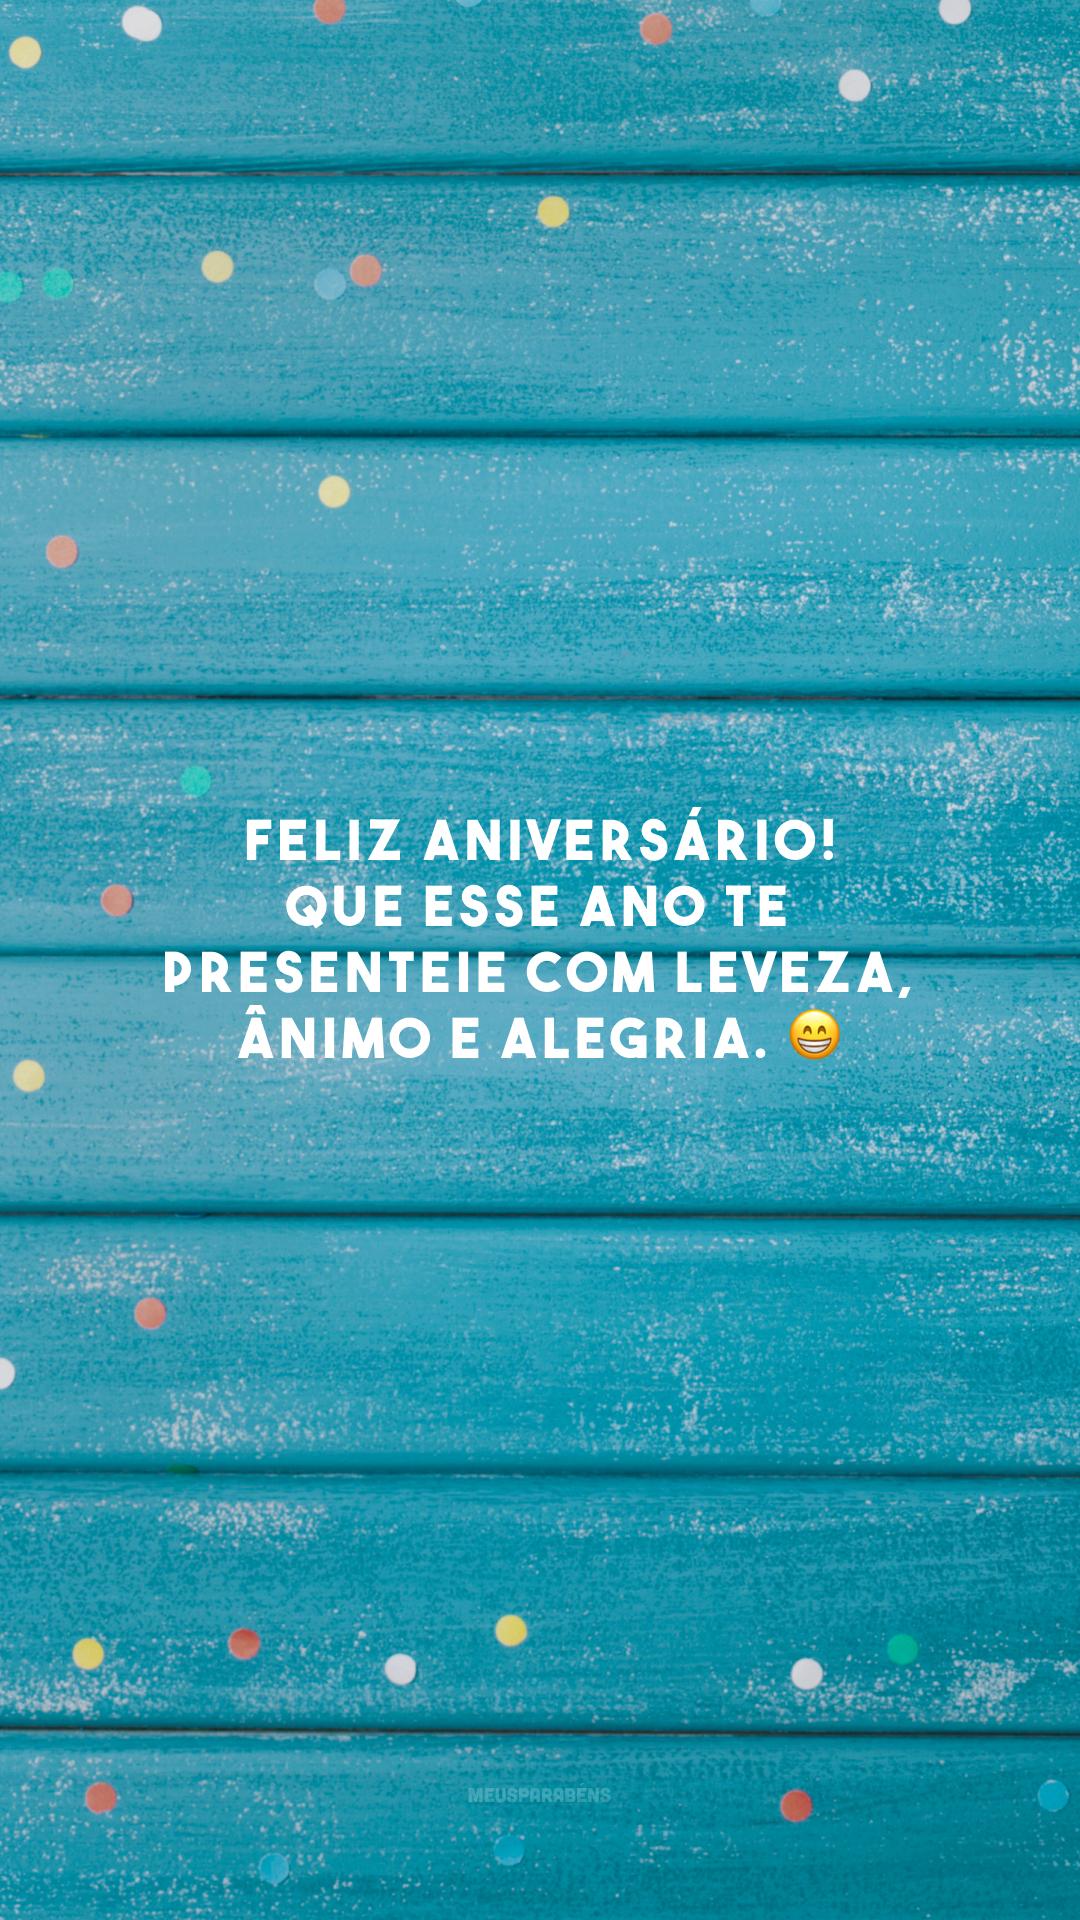 Feliz aniversário! Que esse ano te presenteie com leveza, ânimo e alegria. 😁